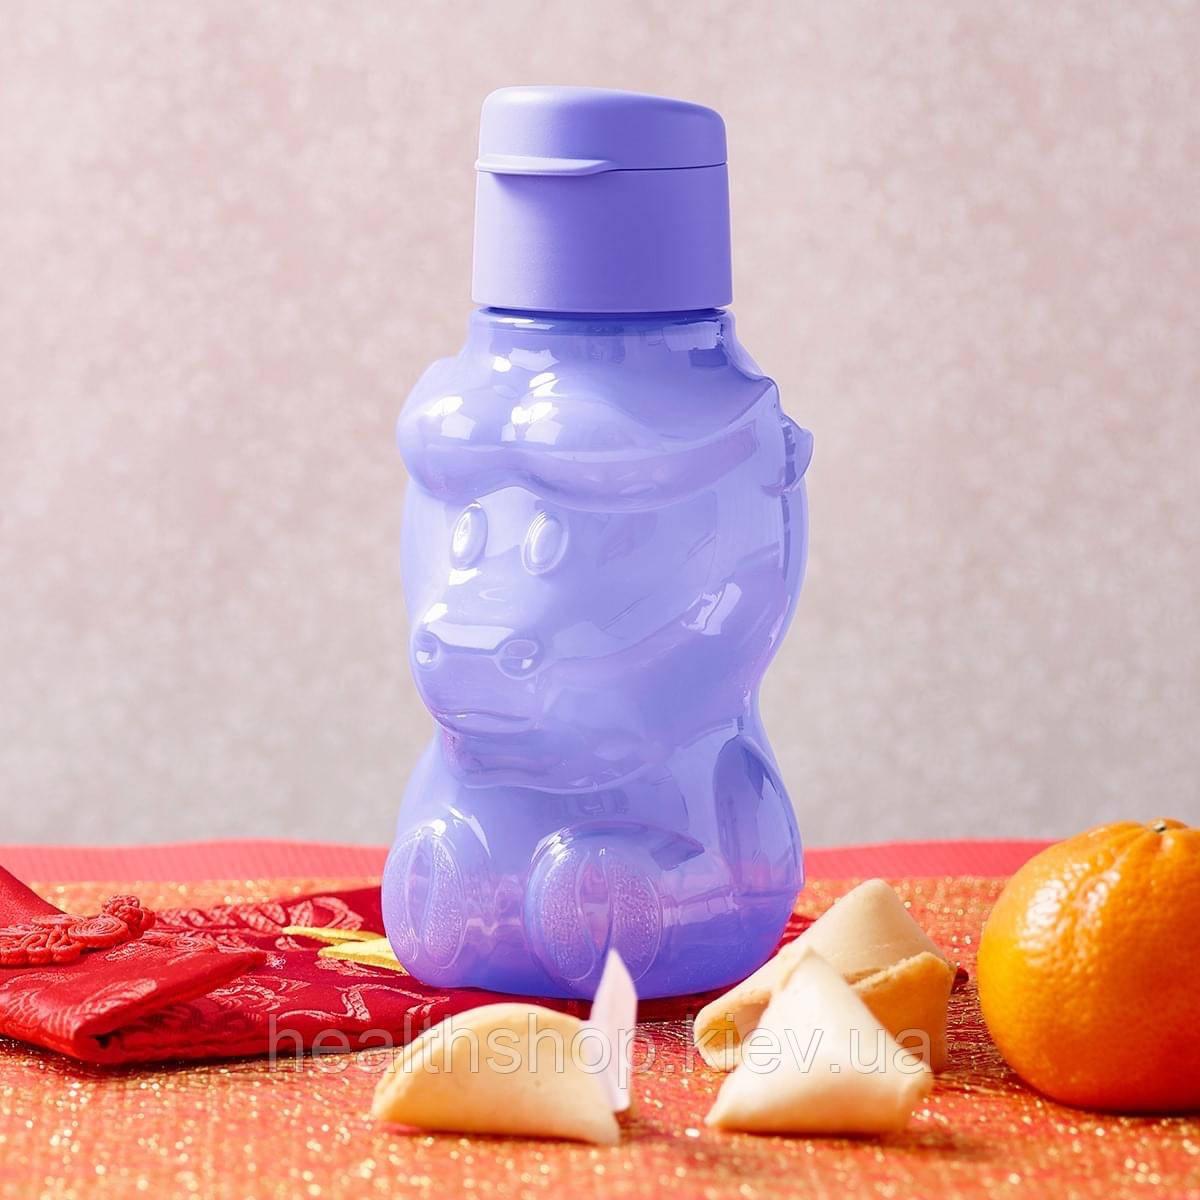 Эко-бутылка «Бычок» (425 мл), многоразовая бутылка для воды Tupperware (Оригинал)